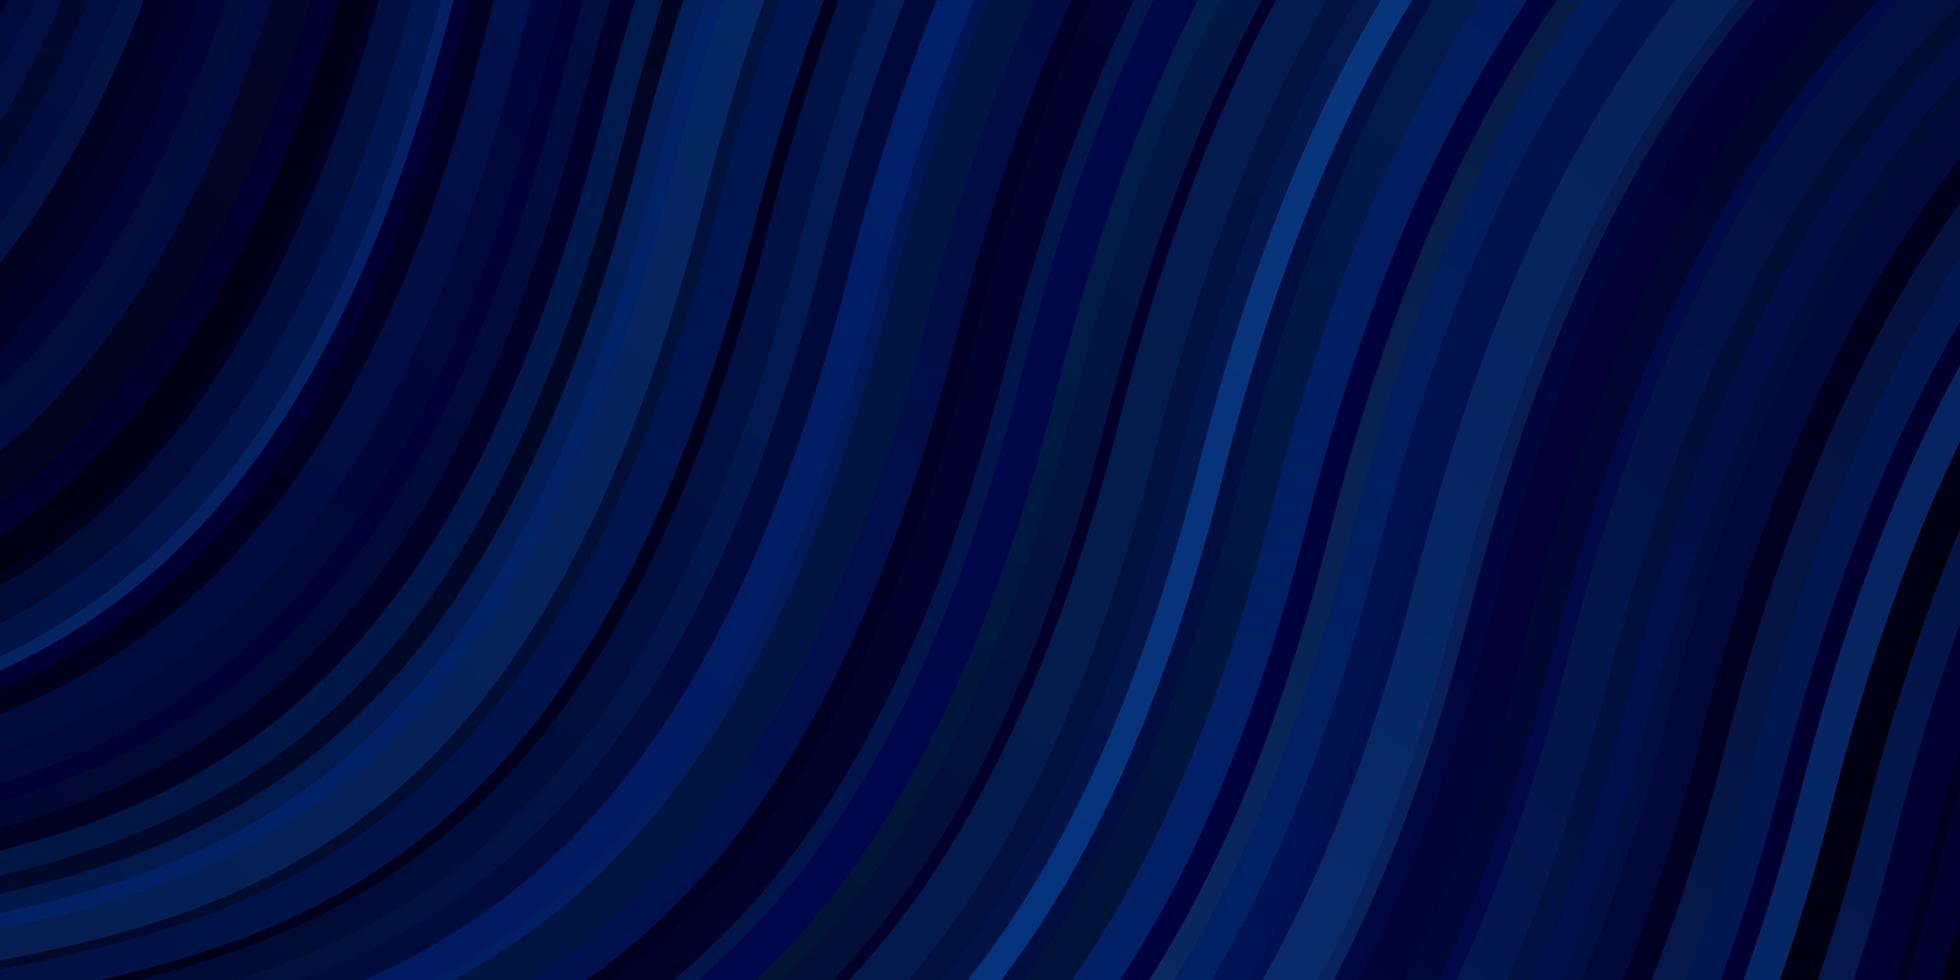 ljusblå vektormall med sneda linjer. vektor